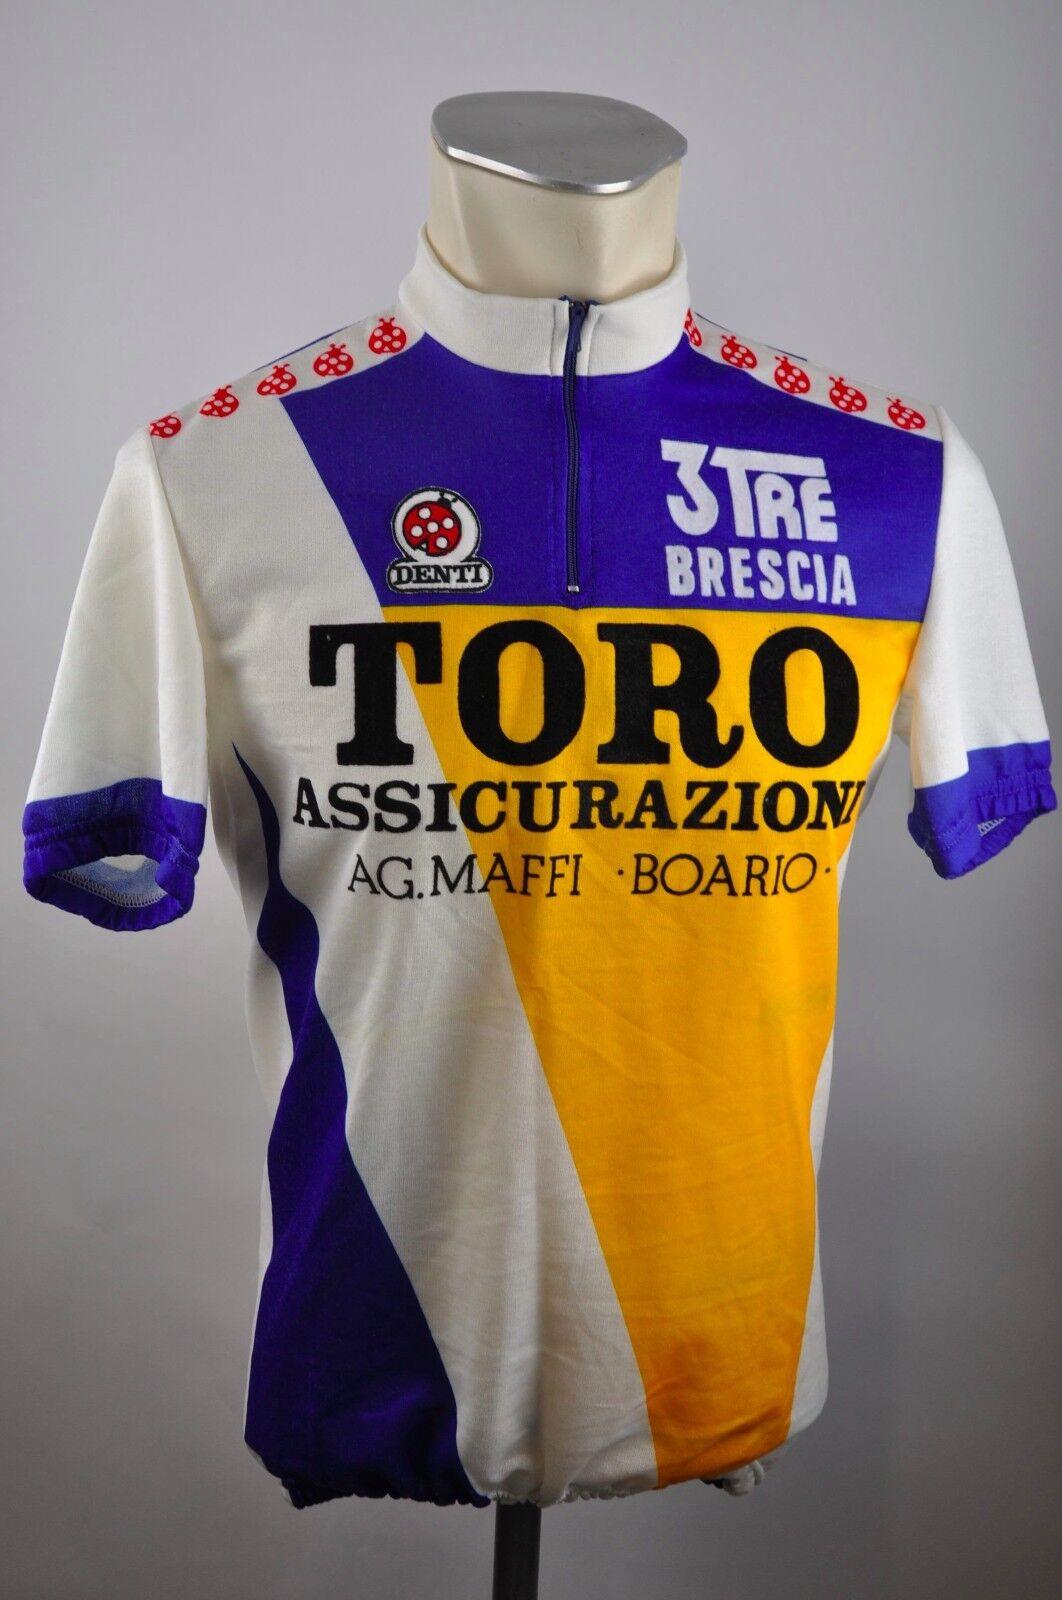 Tgold Assicurazioni Denti Brescia Trikot cycling  jersey maglia Gr M 3 BW 51cm E28  cheapest